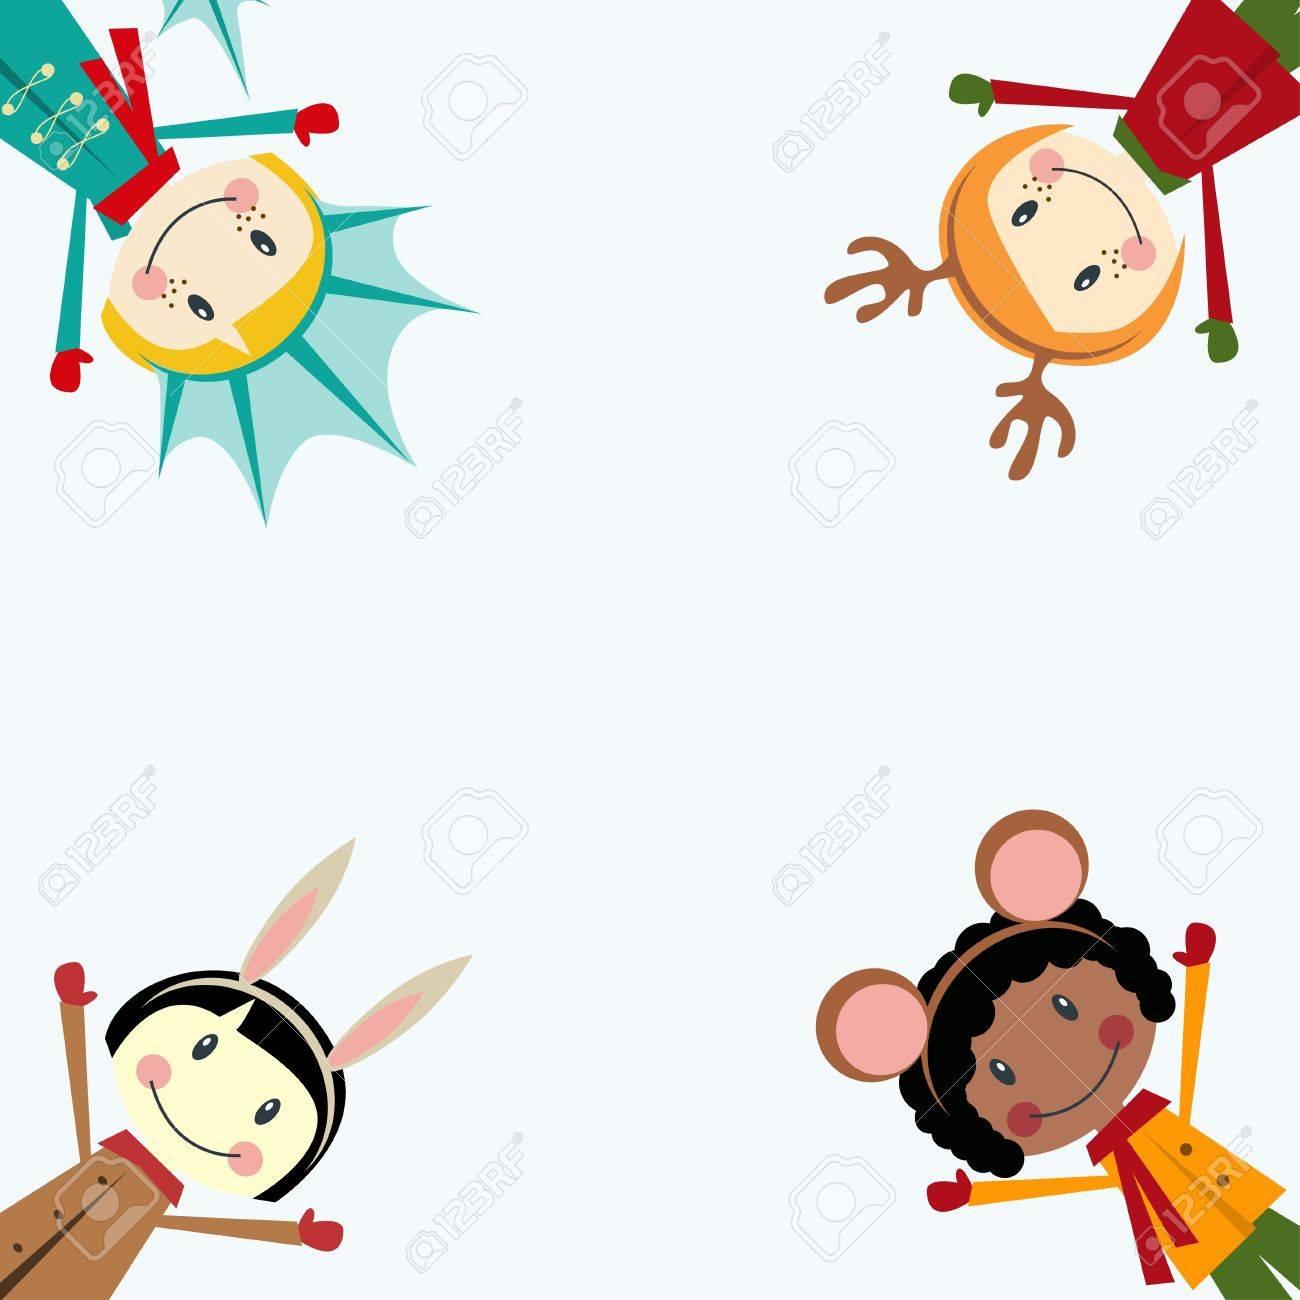 navidad y ao nuevo de tarjetas de felicitacin con nios felices vestidos con disfraces foto de